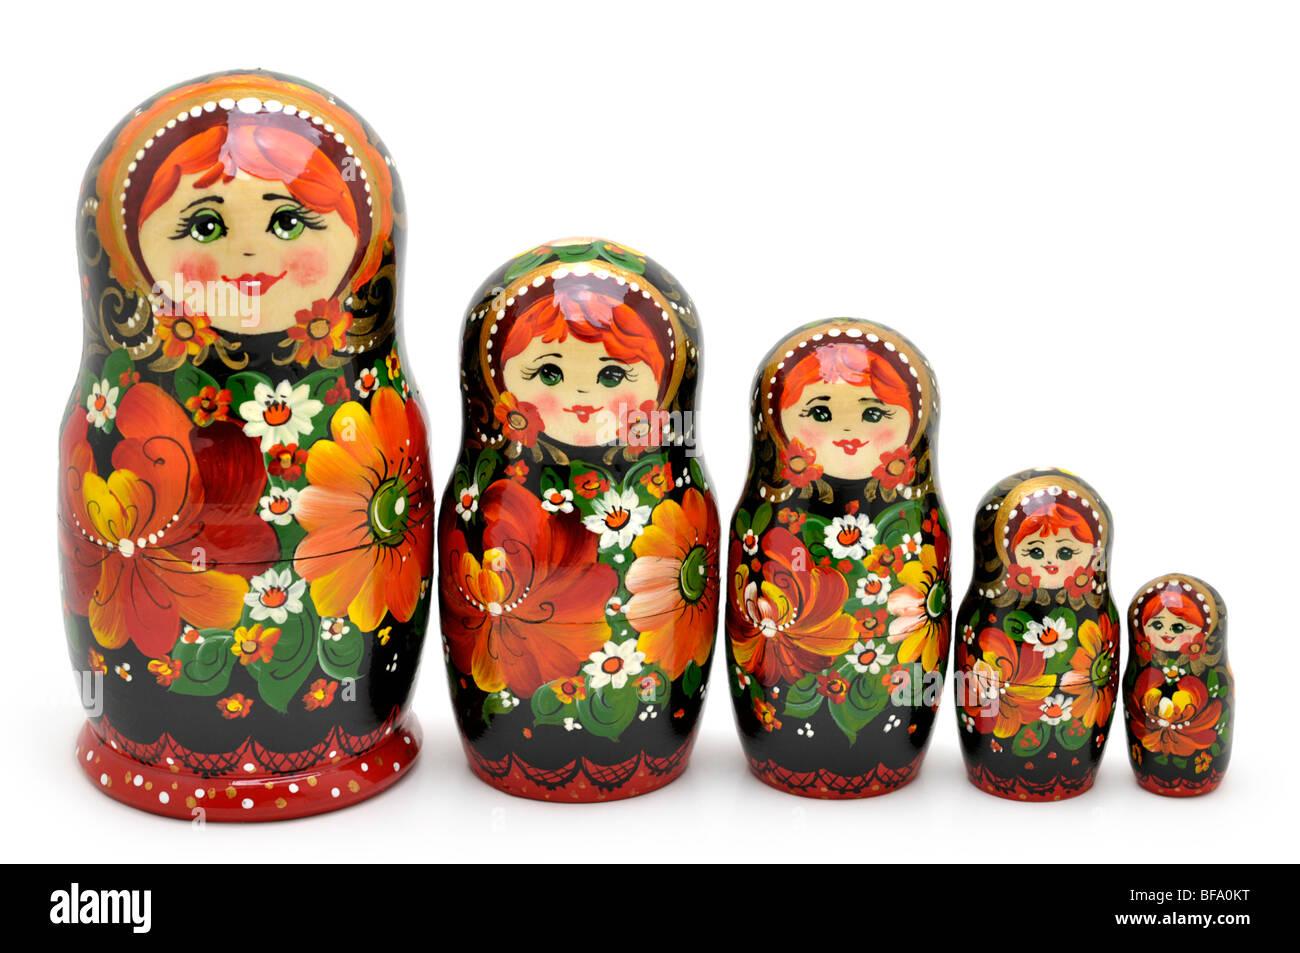 Russian Nesting Dolls -  Matryoshki - Stock Image